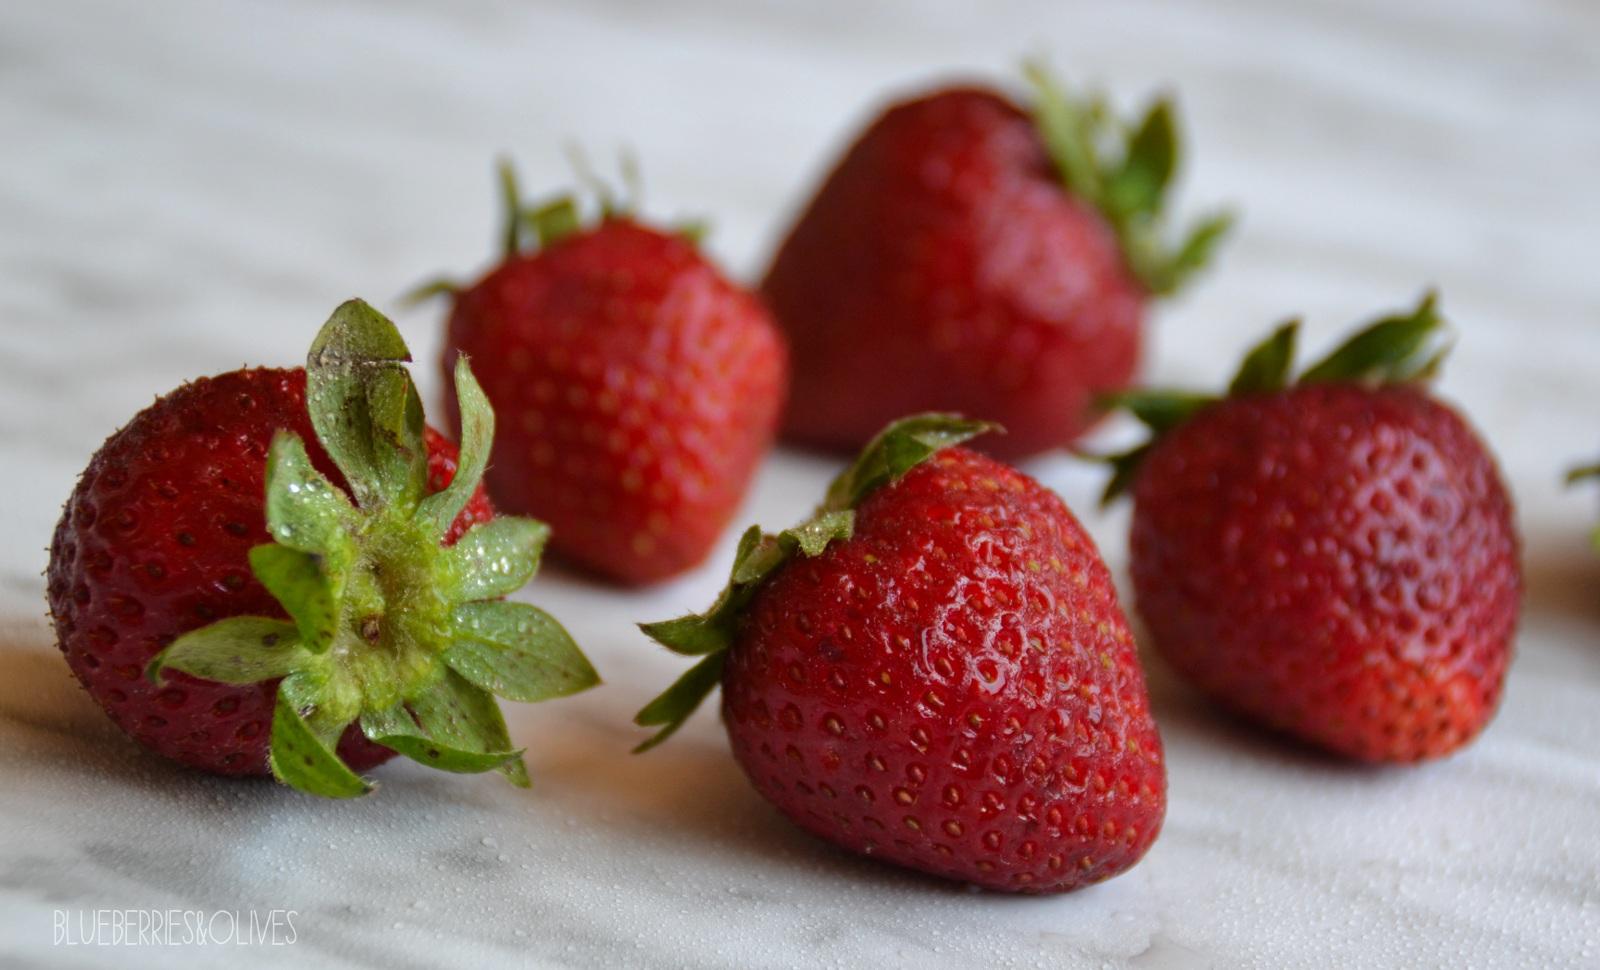 Fresas - Smoothie bowl de fresas y coco 2